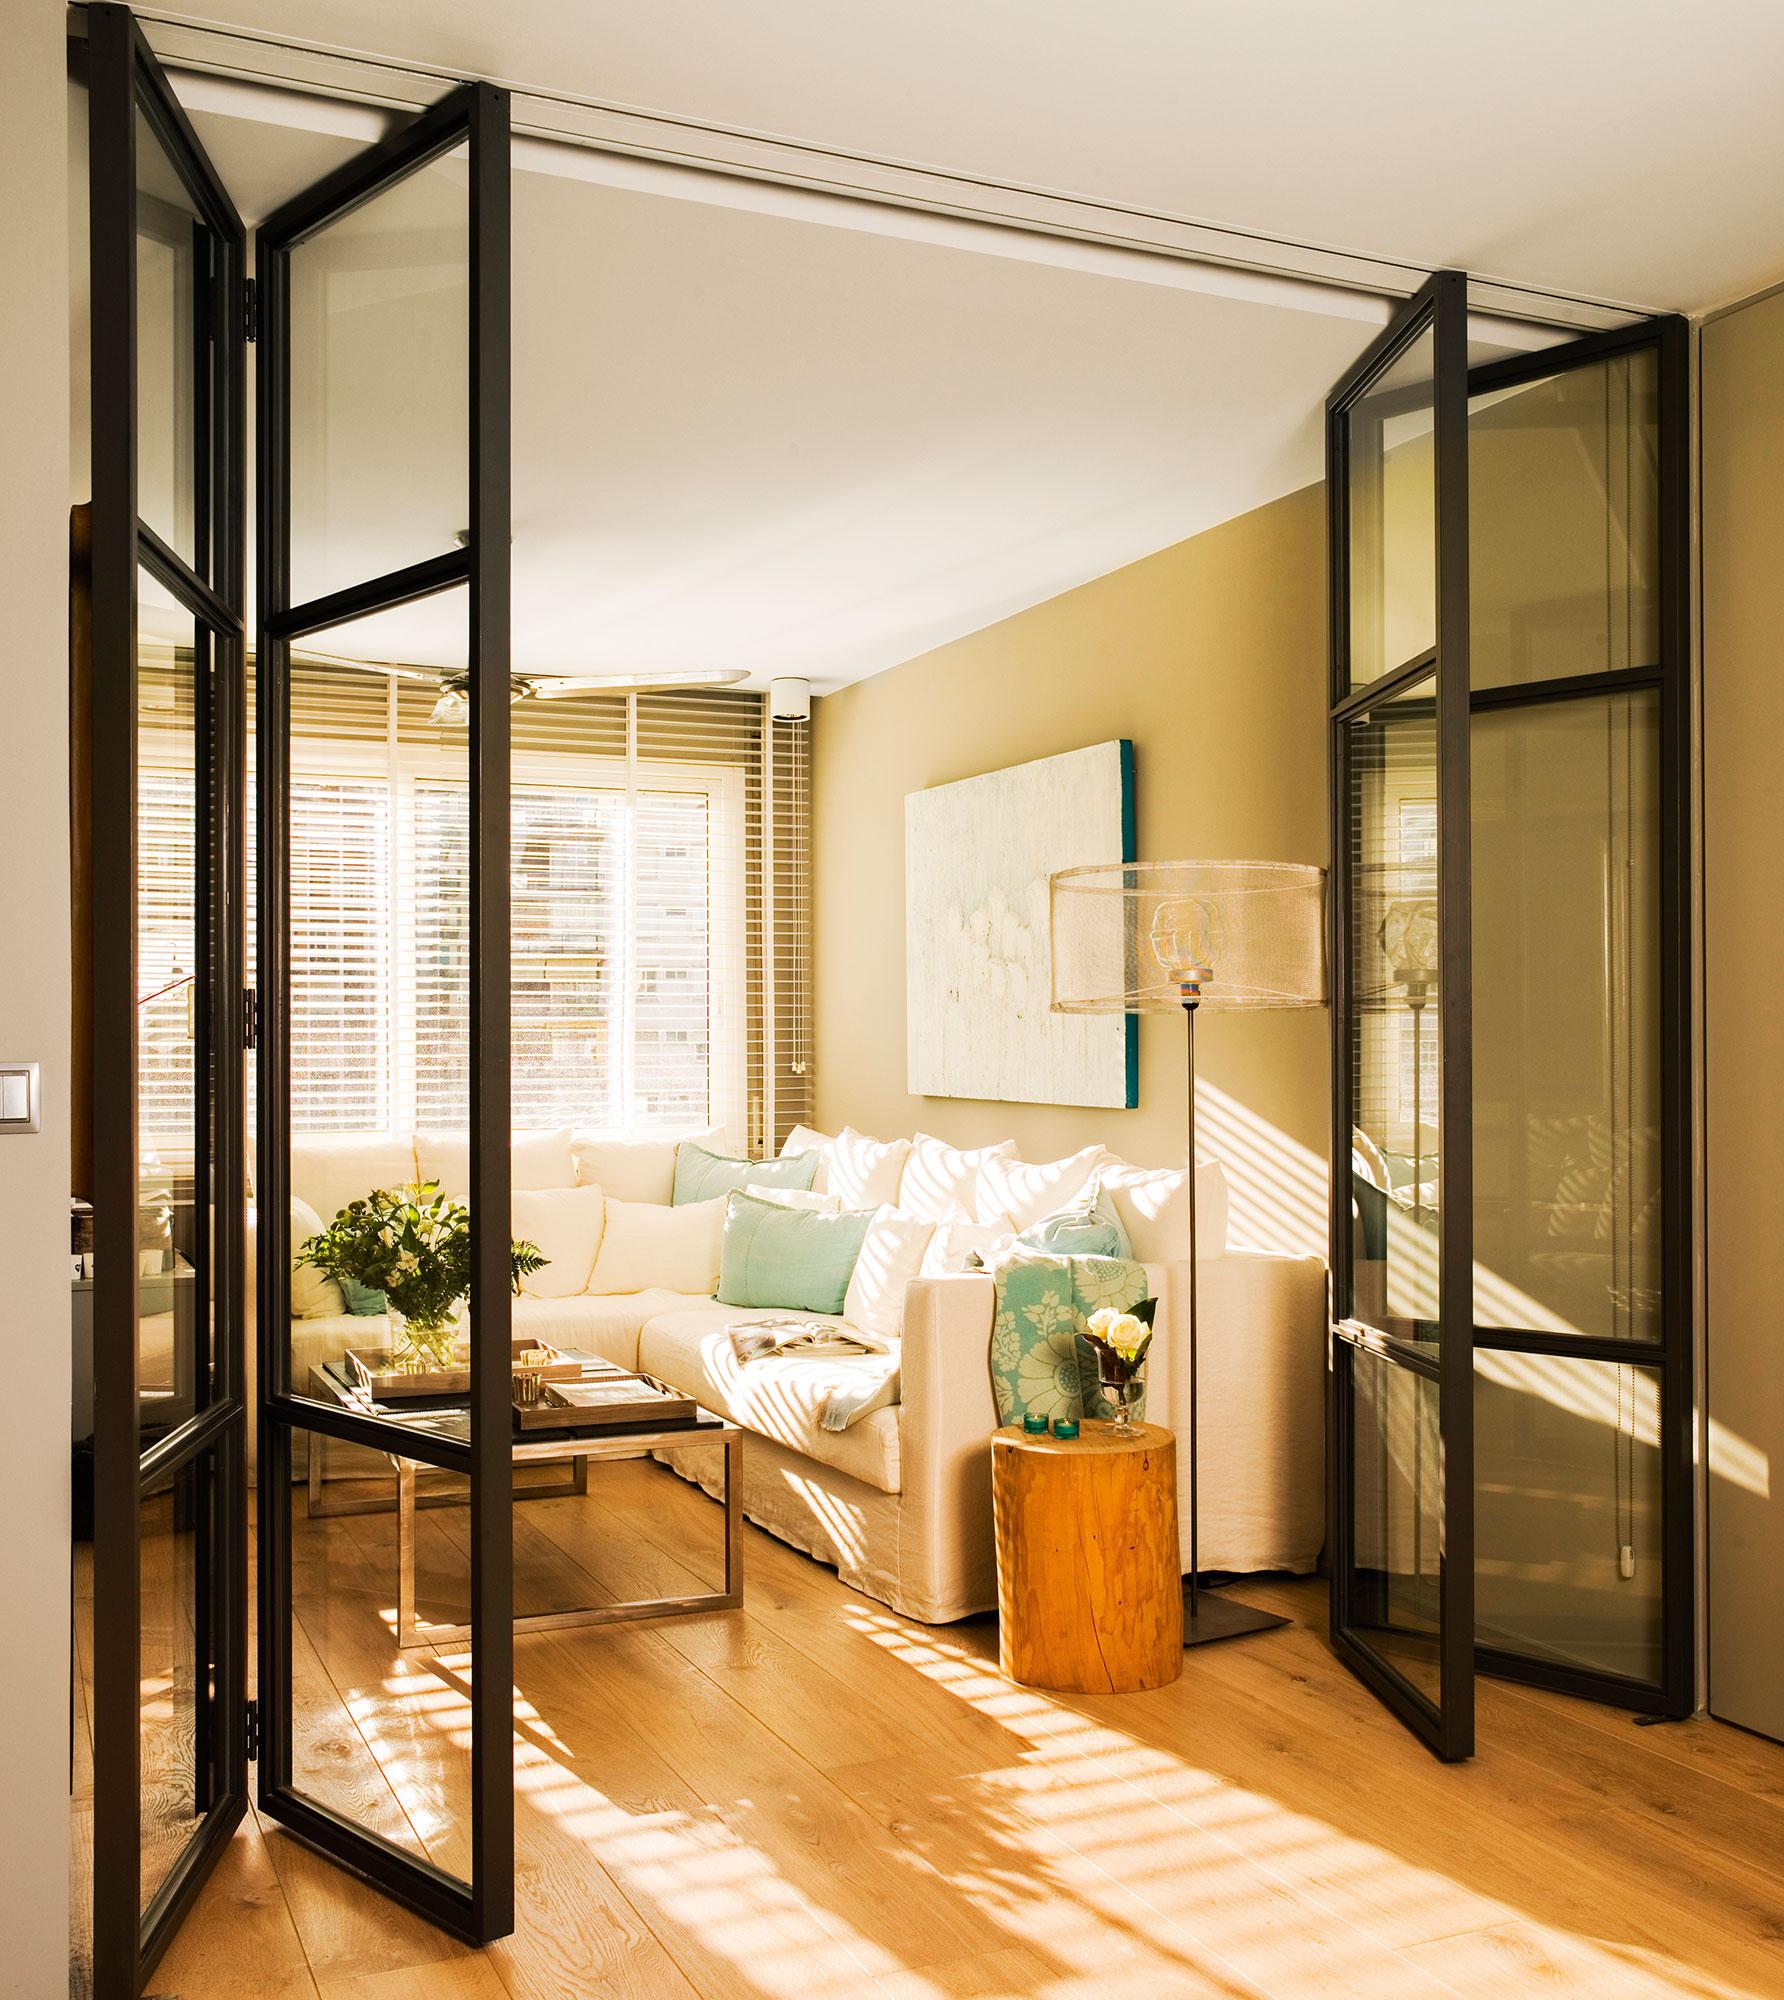 Instala una puerta corredera en casa y gana 1 5 m2 reales for Puertas corredizas metalicas